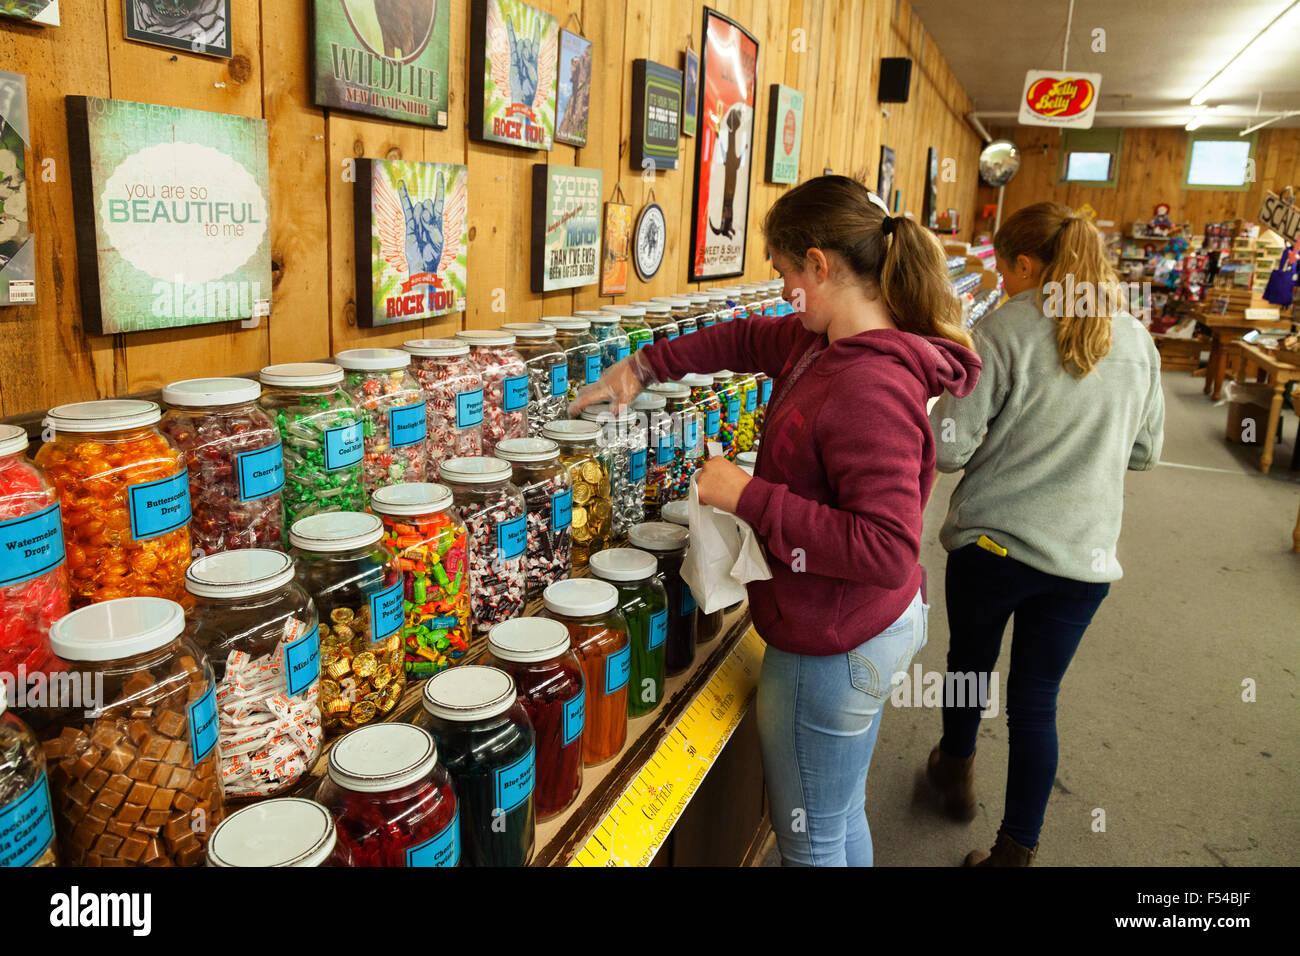 Les adolescents shopping et d'acheter des bonbons, Chutters candy store, Littleton, New Hampshire, USA Banque D'Images